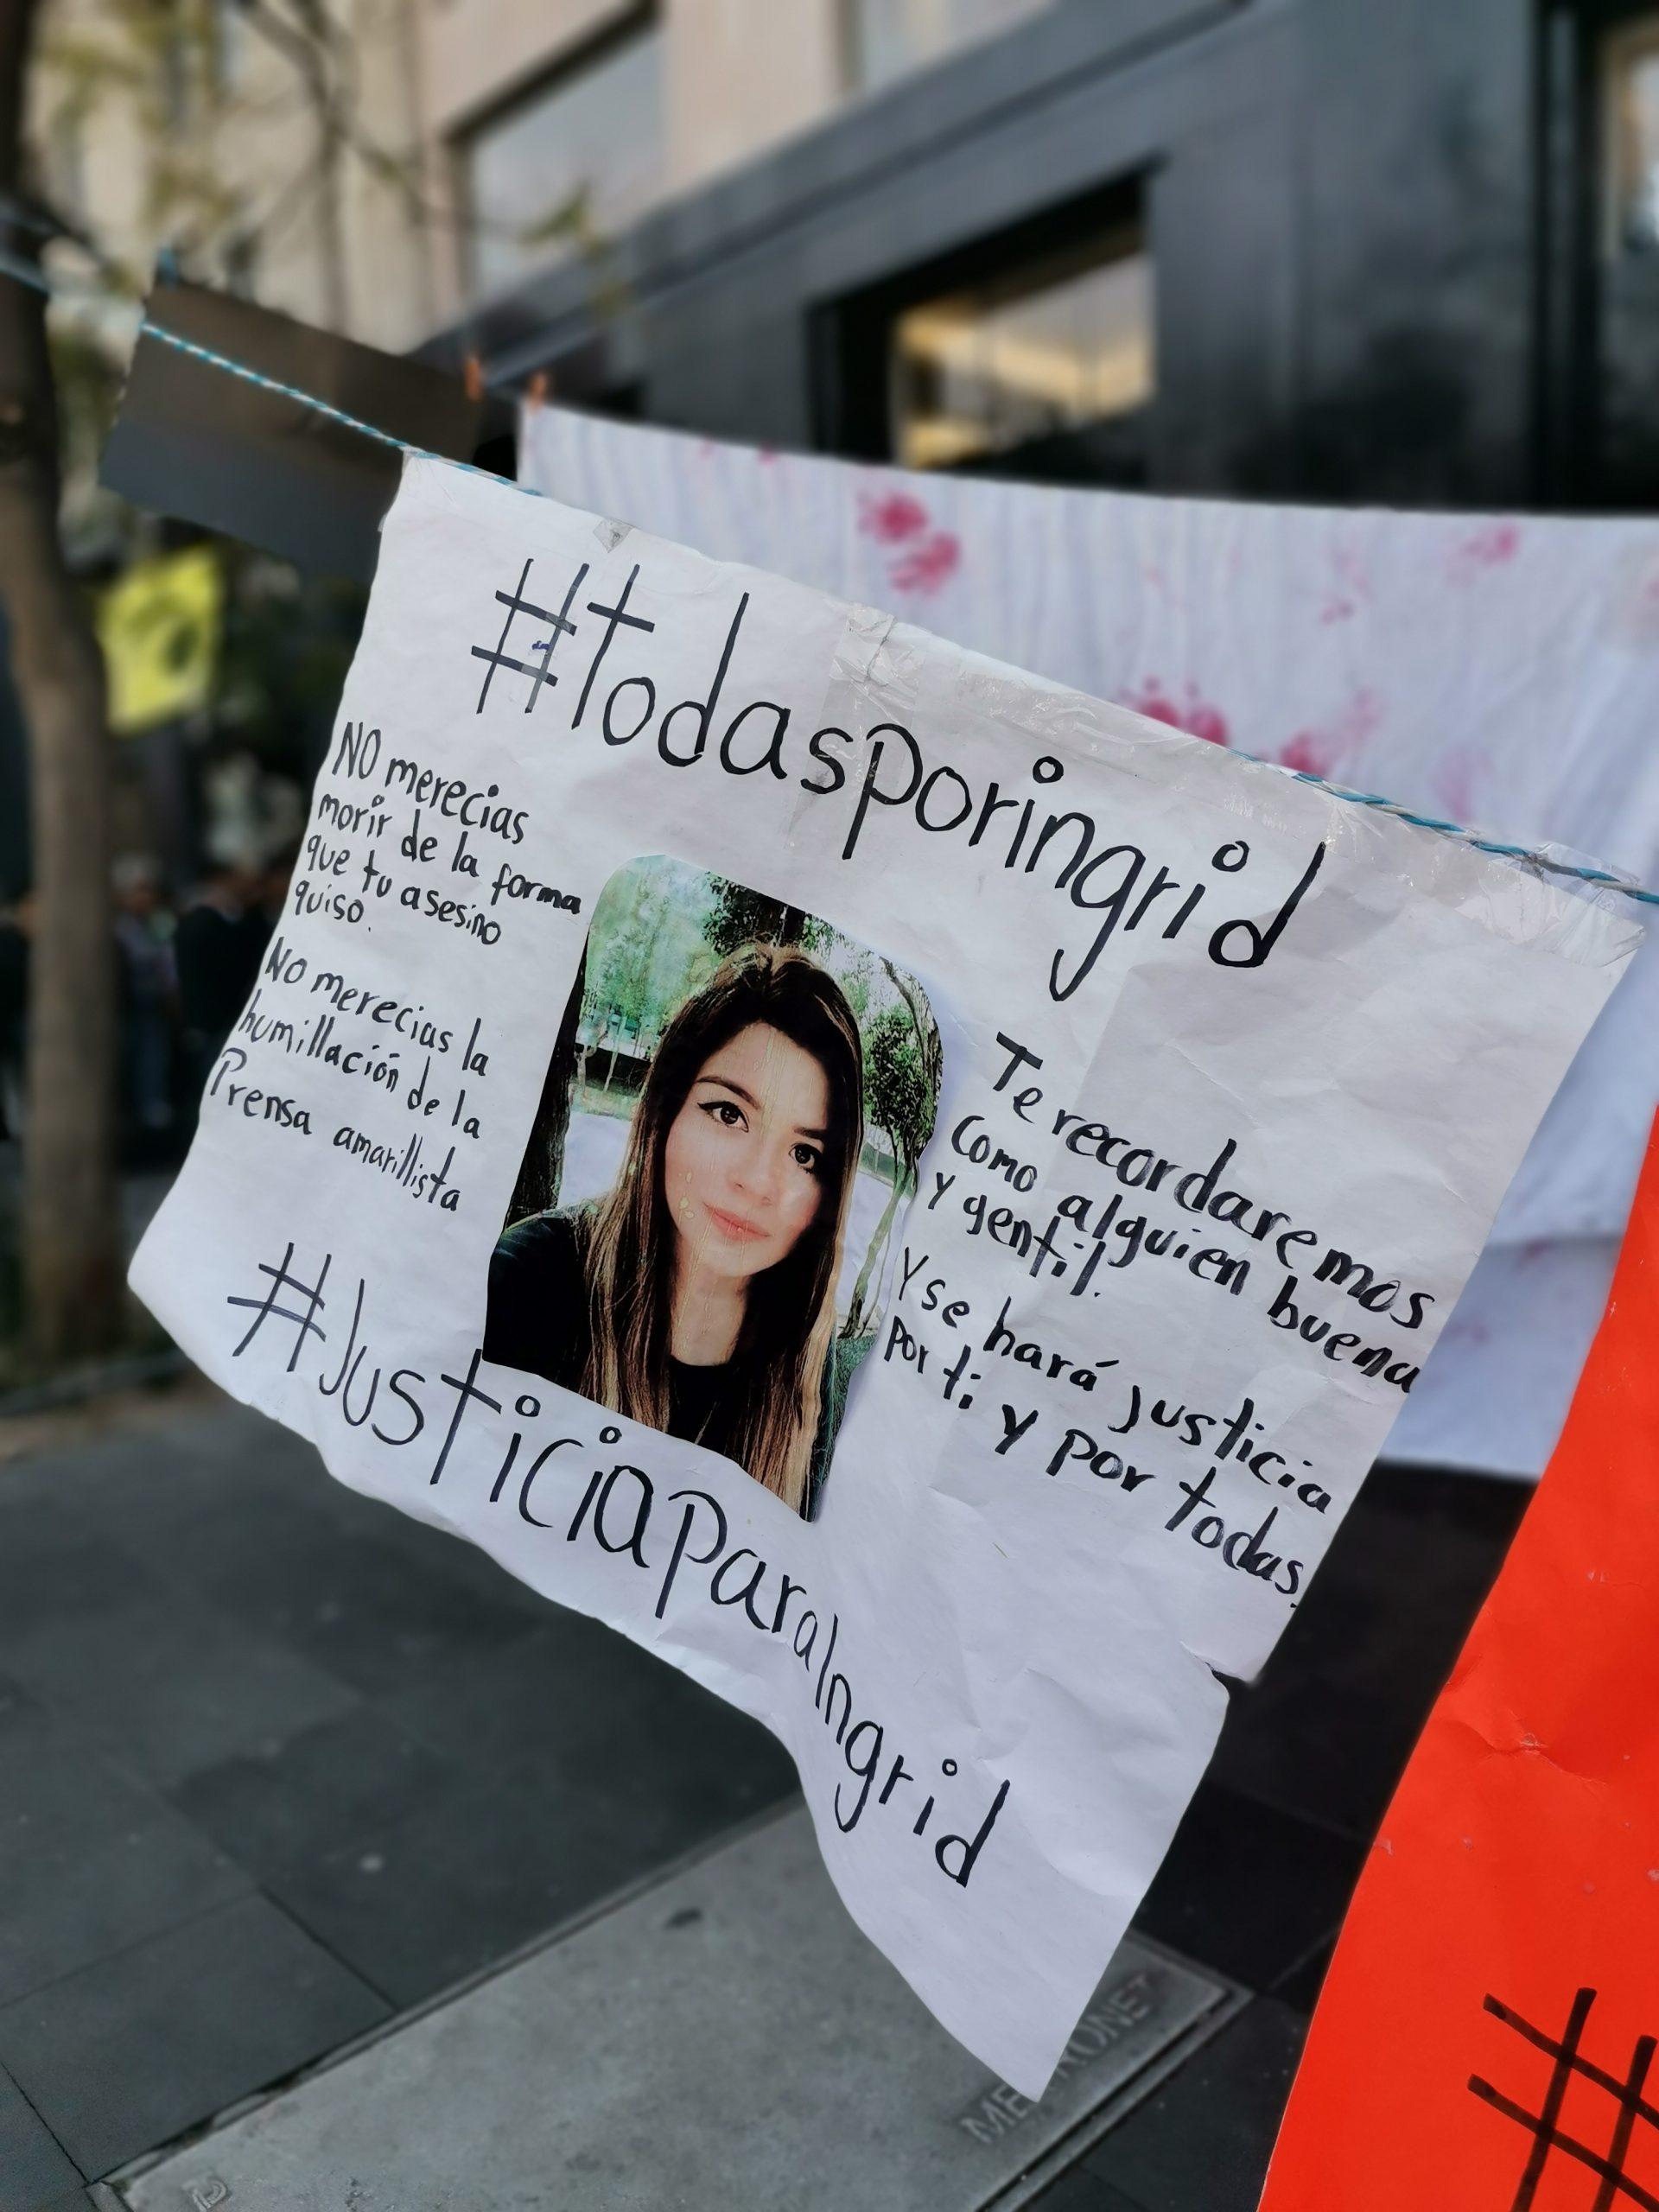 Cobertura mediática de atroz feminicidio en México desató el debate de cómo debe cubrir la prensa los asesinatos de mujeres